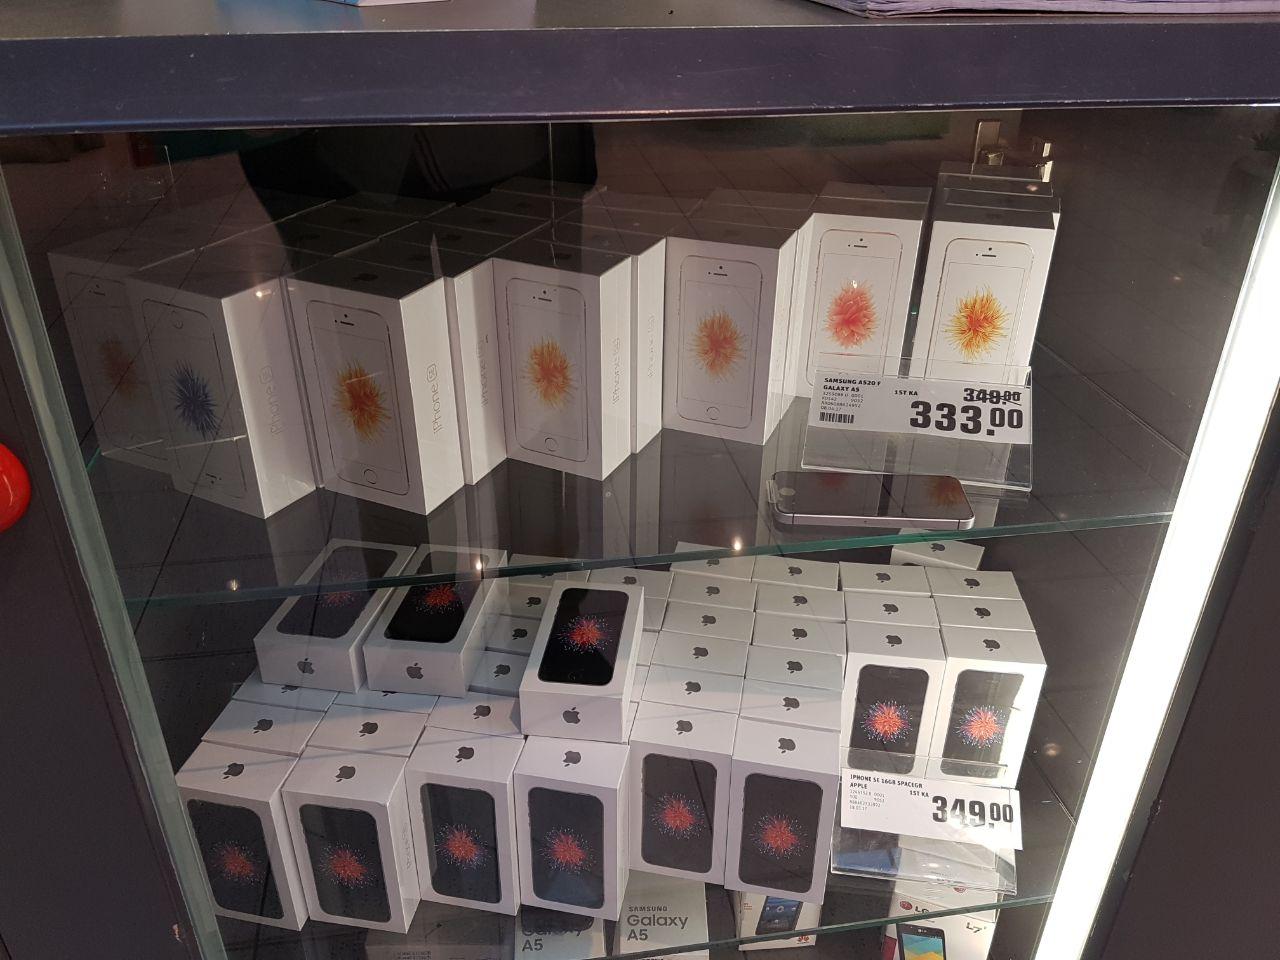 [Lokal] Friedrichsdorf Rewe Center iPhone SE 16GB verschieden Farben für 279,20 und Samsung Galaxy A5(2017) für 266,40€